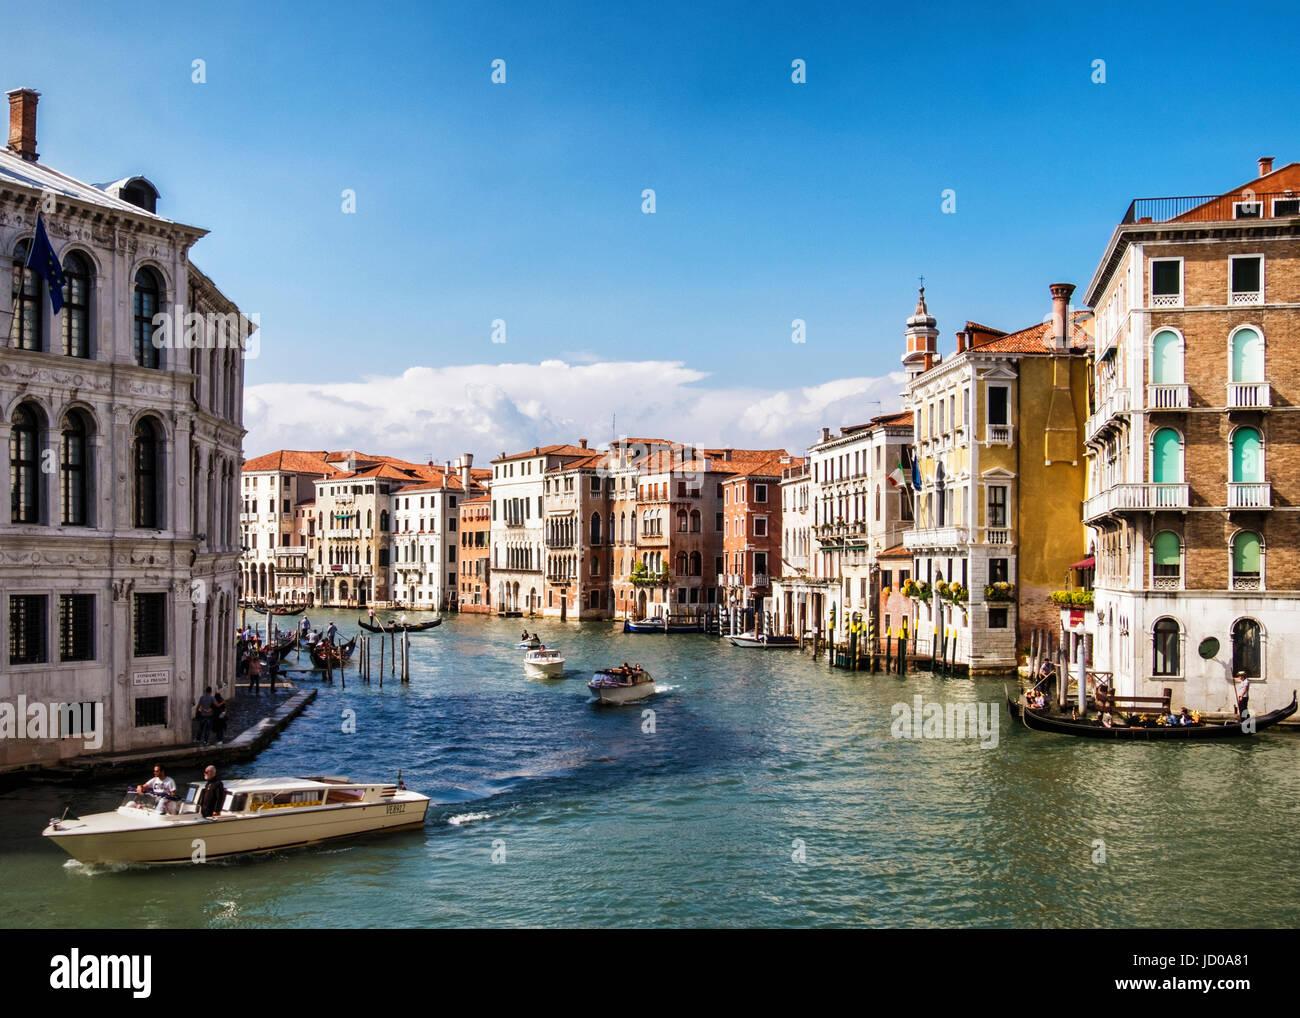 Venedig, San Marco.Grand Kanal, typisch venezianischen Landschaft mit verwitterten Häuser und großen Palästen, Stockbild